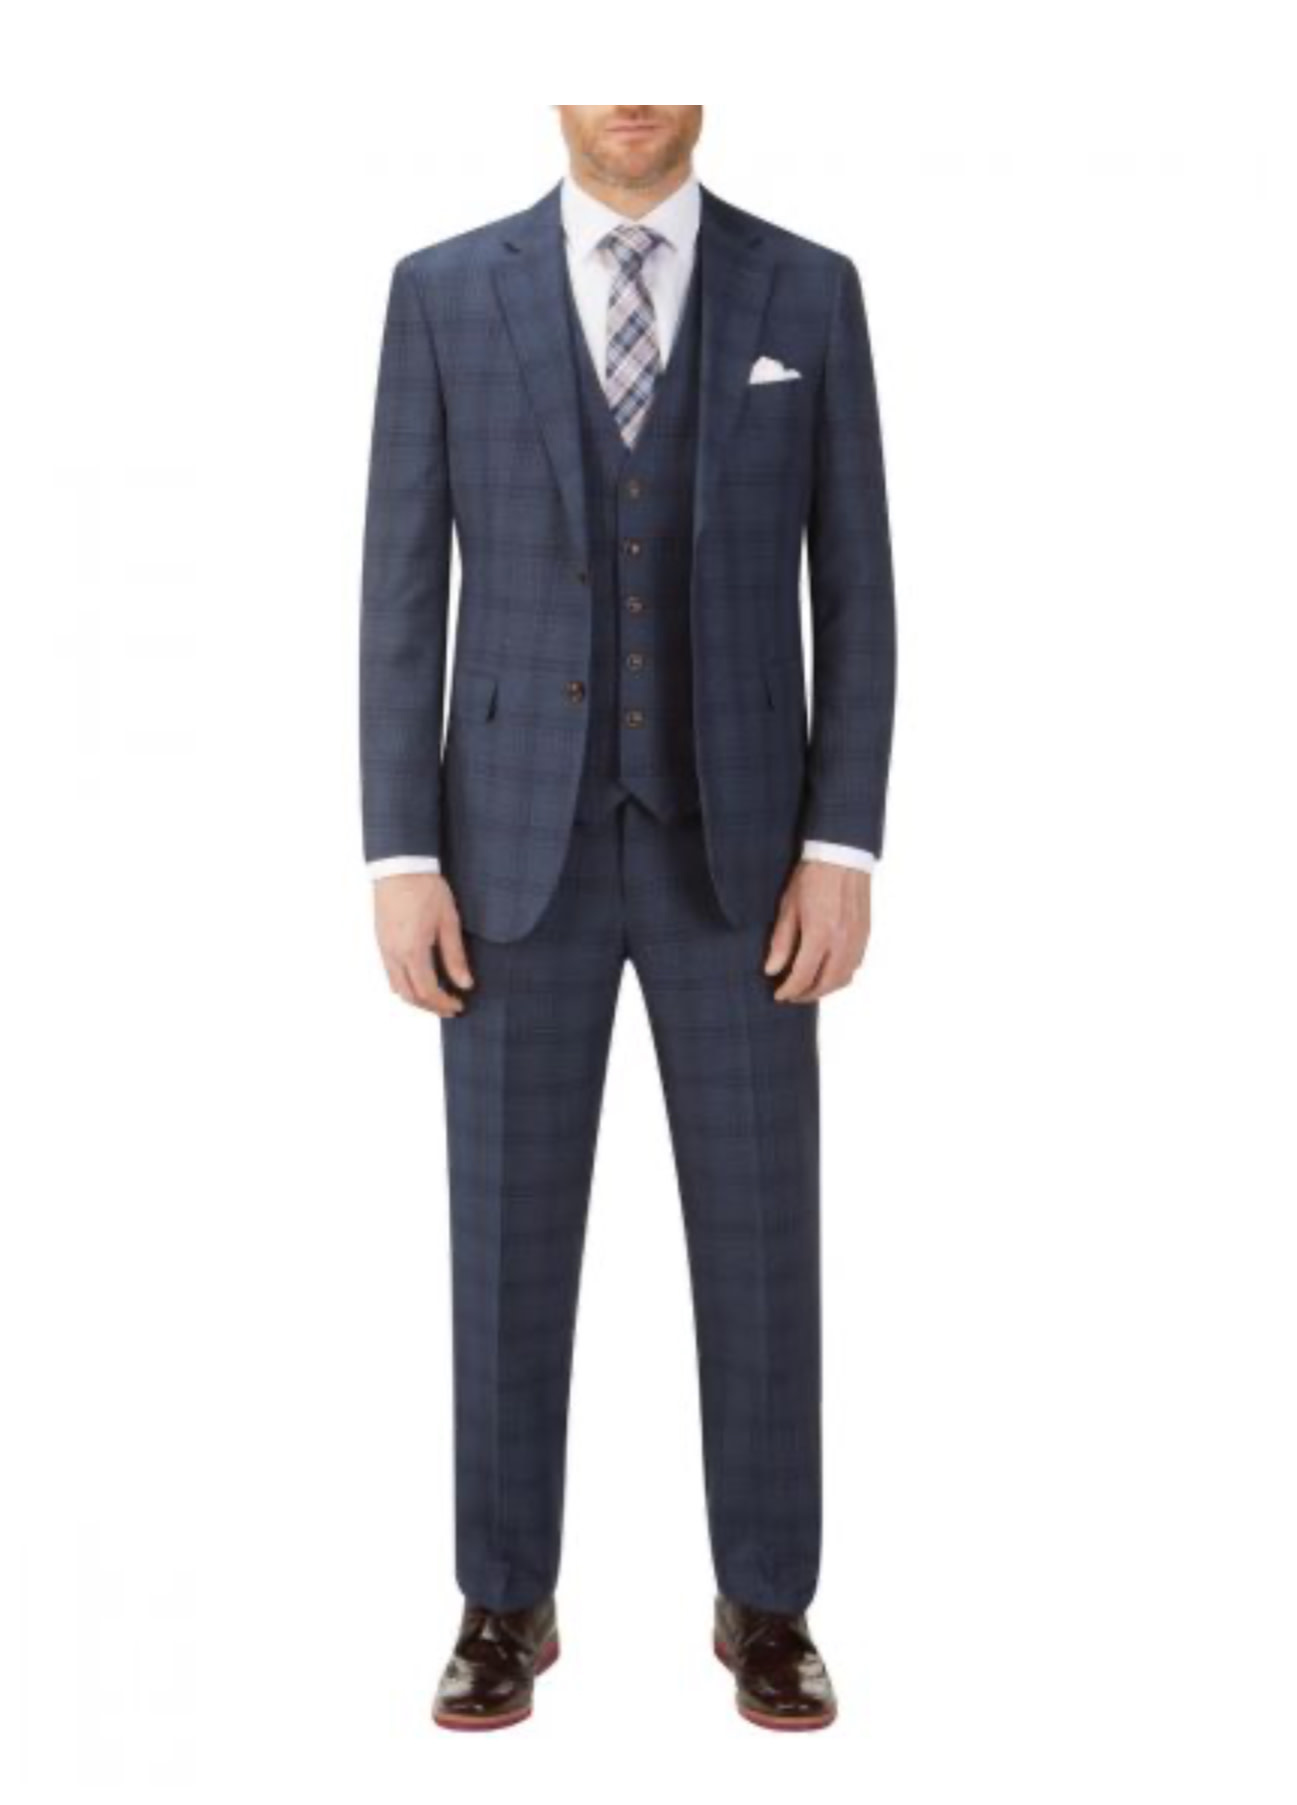 Minworth suit